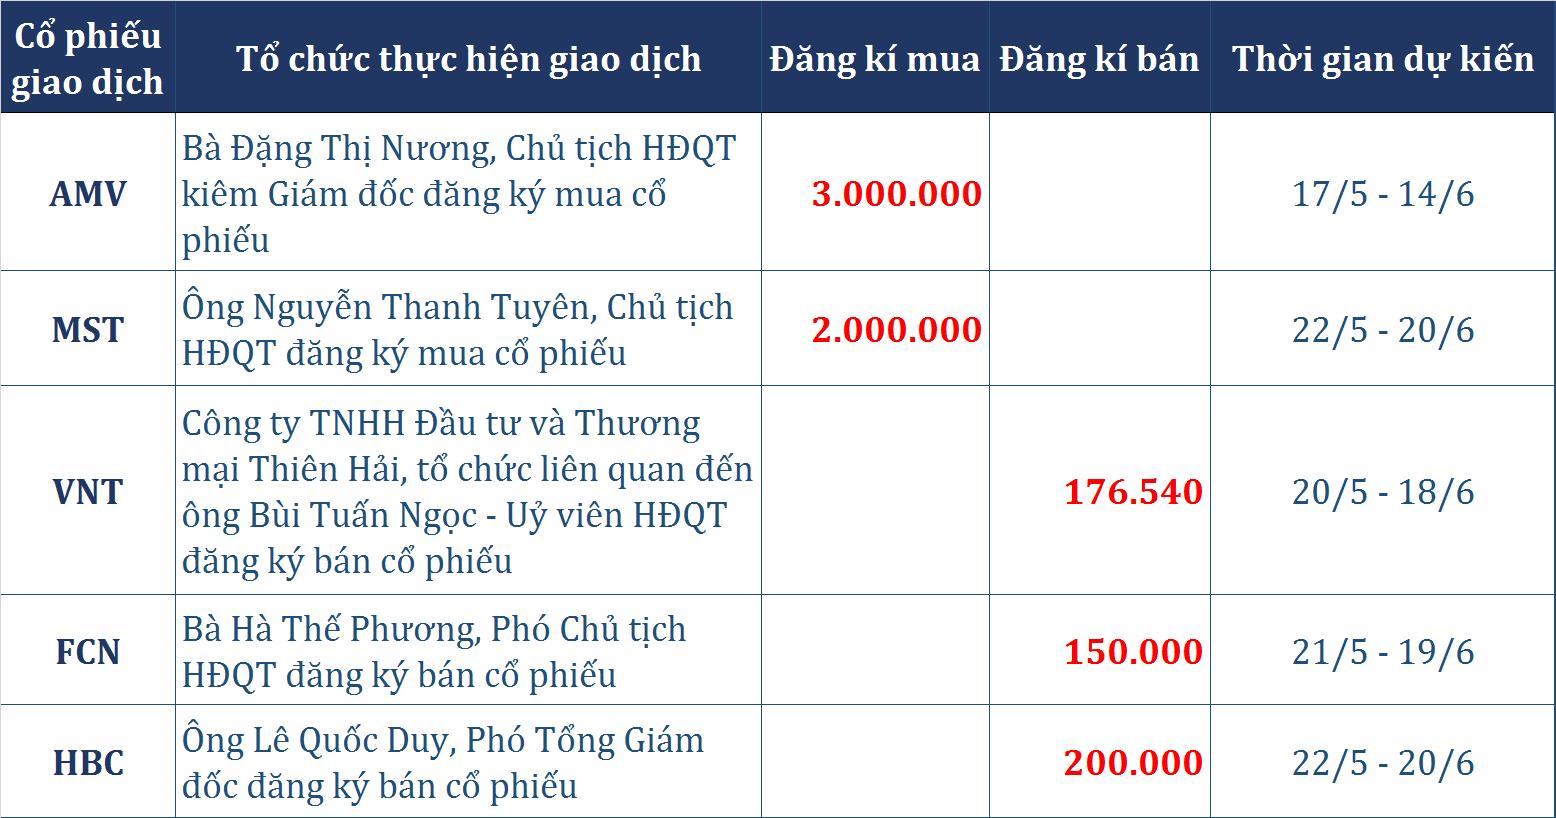 Dòng tiền thông minh (17/5): Giao dịch trái chiều khối ngoại, tự doanh CTCK trở lại mua ròng 129 tỉ đồng - Ảnh 2.